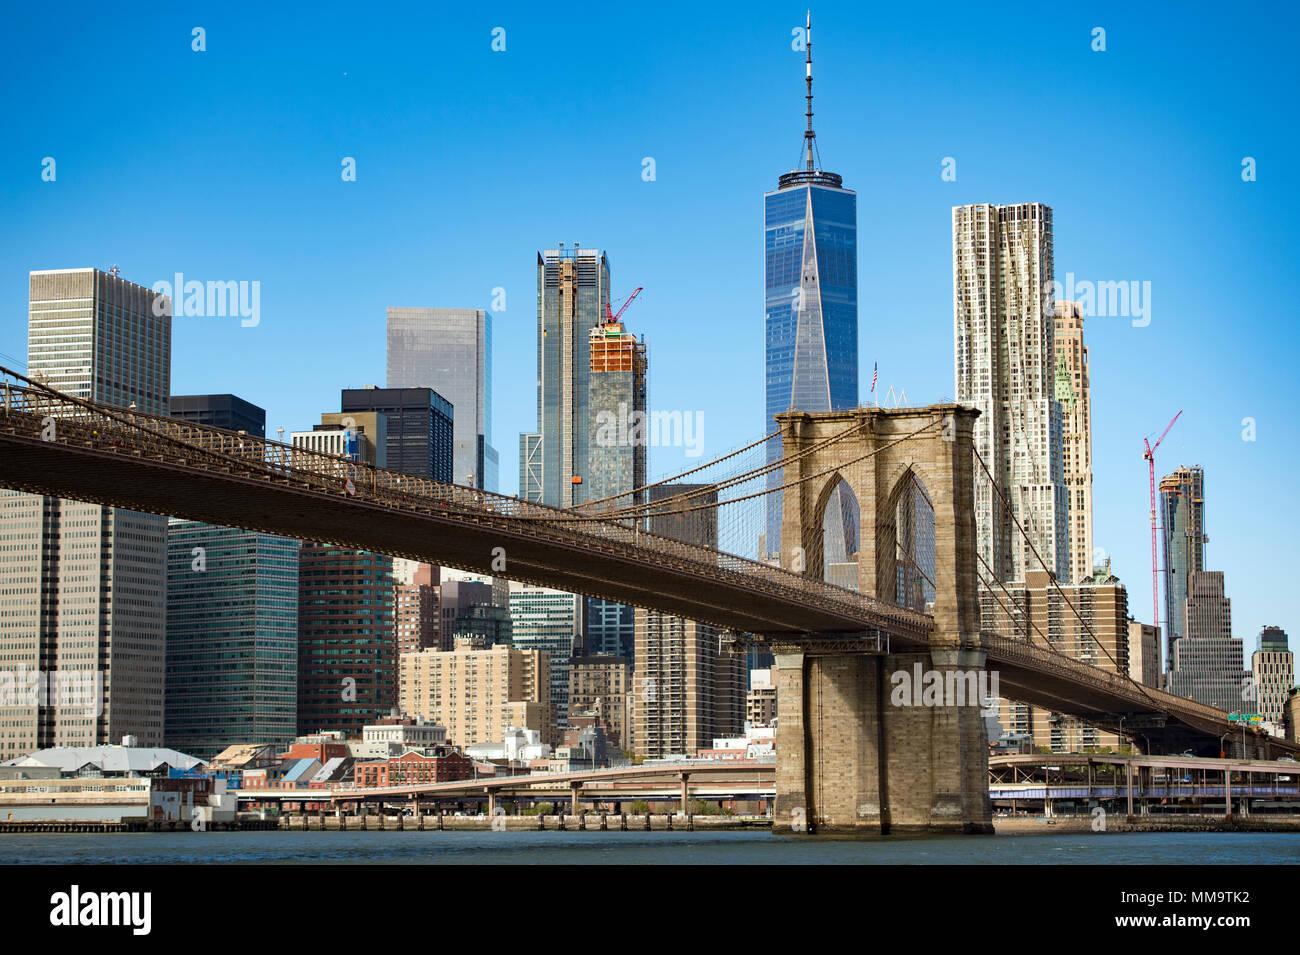 Perfil de Manhattan con el puente de Brooklyn y el World Trade Center en el fondo durante un día soleado en Nueva York, Estados Unidos. Imagen De Stock